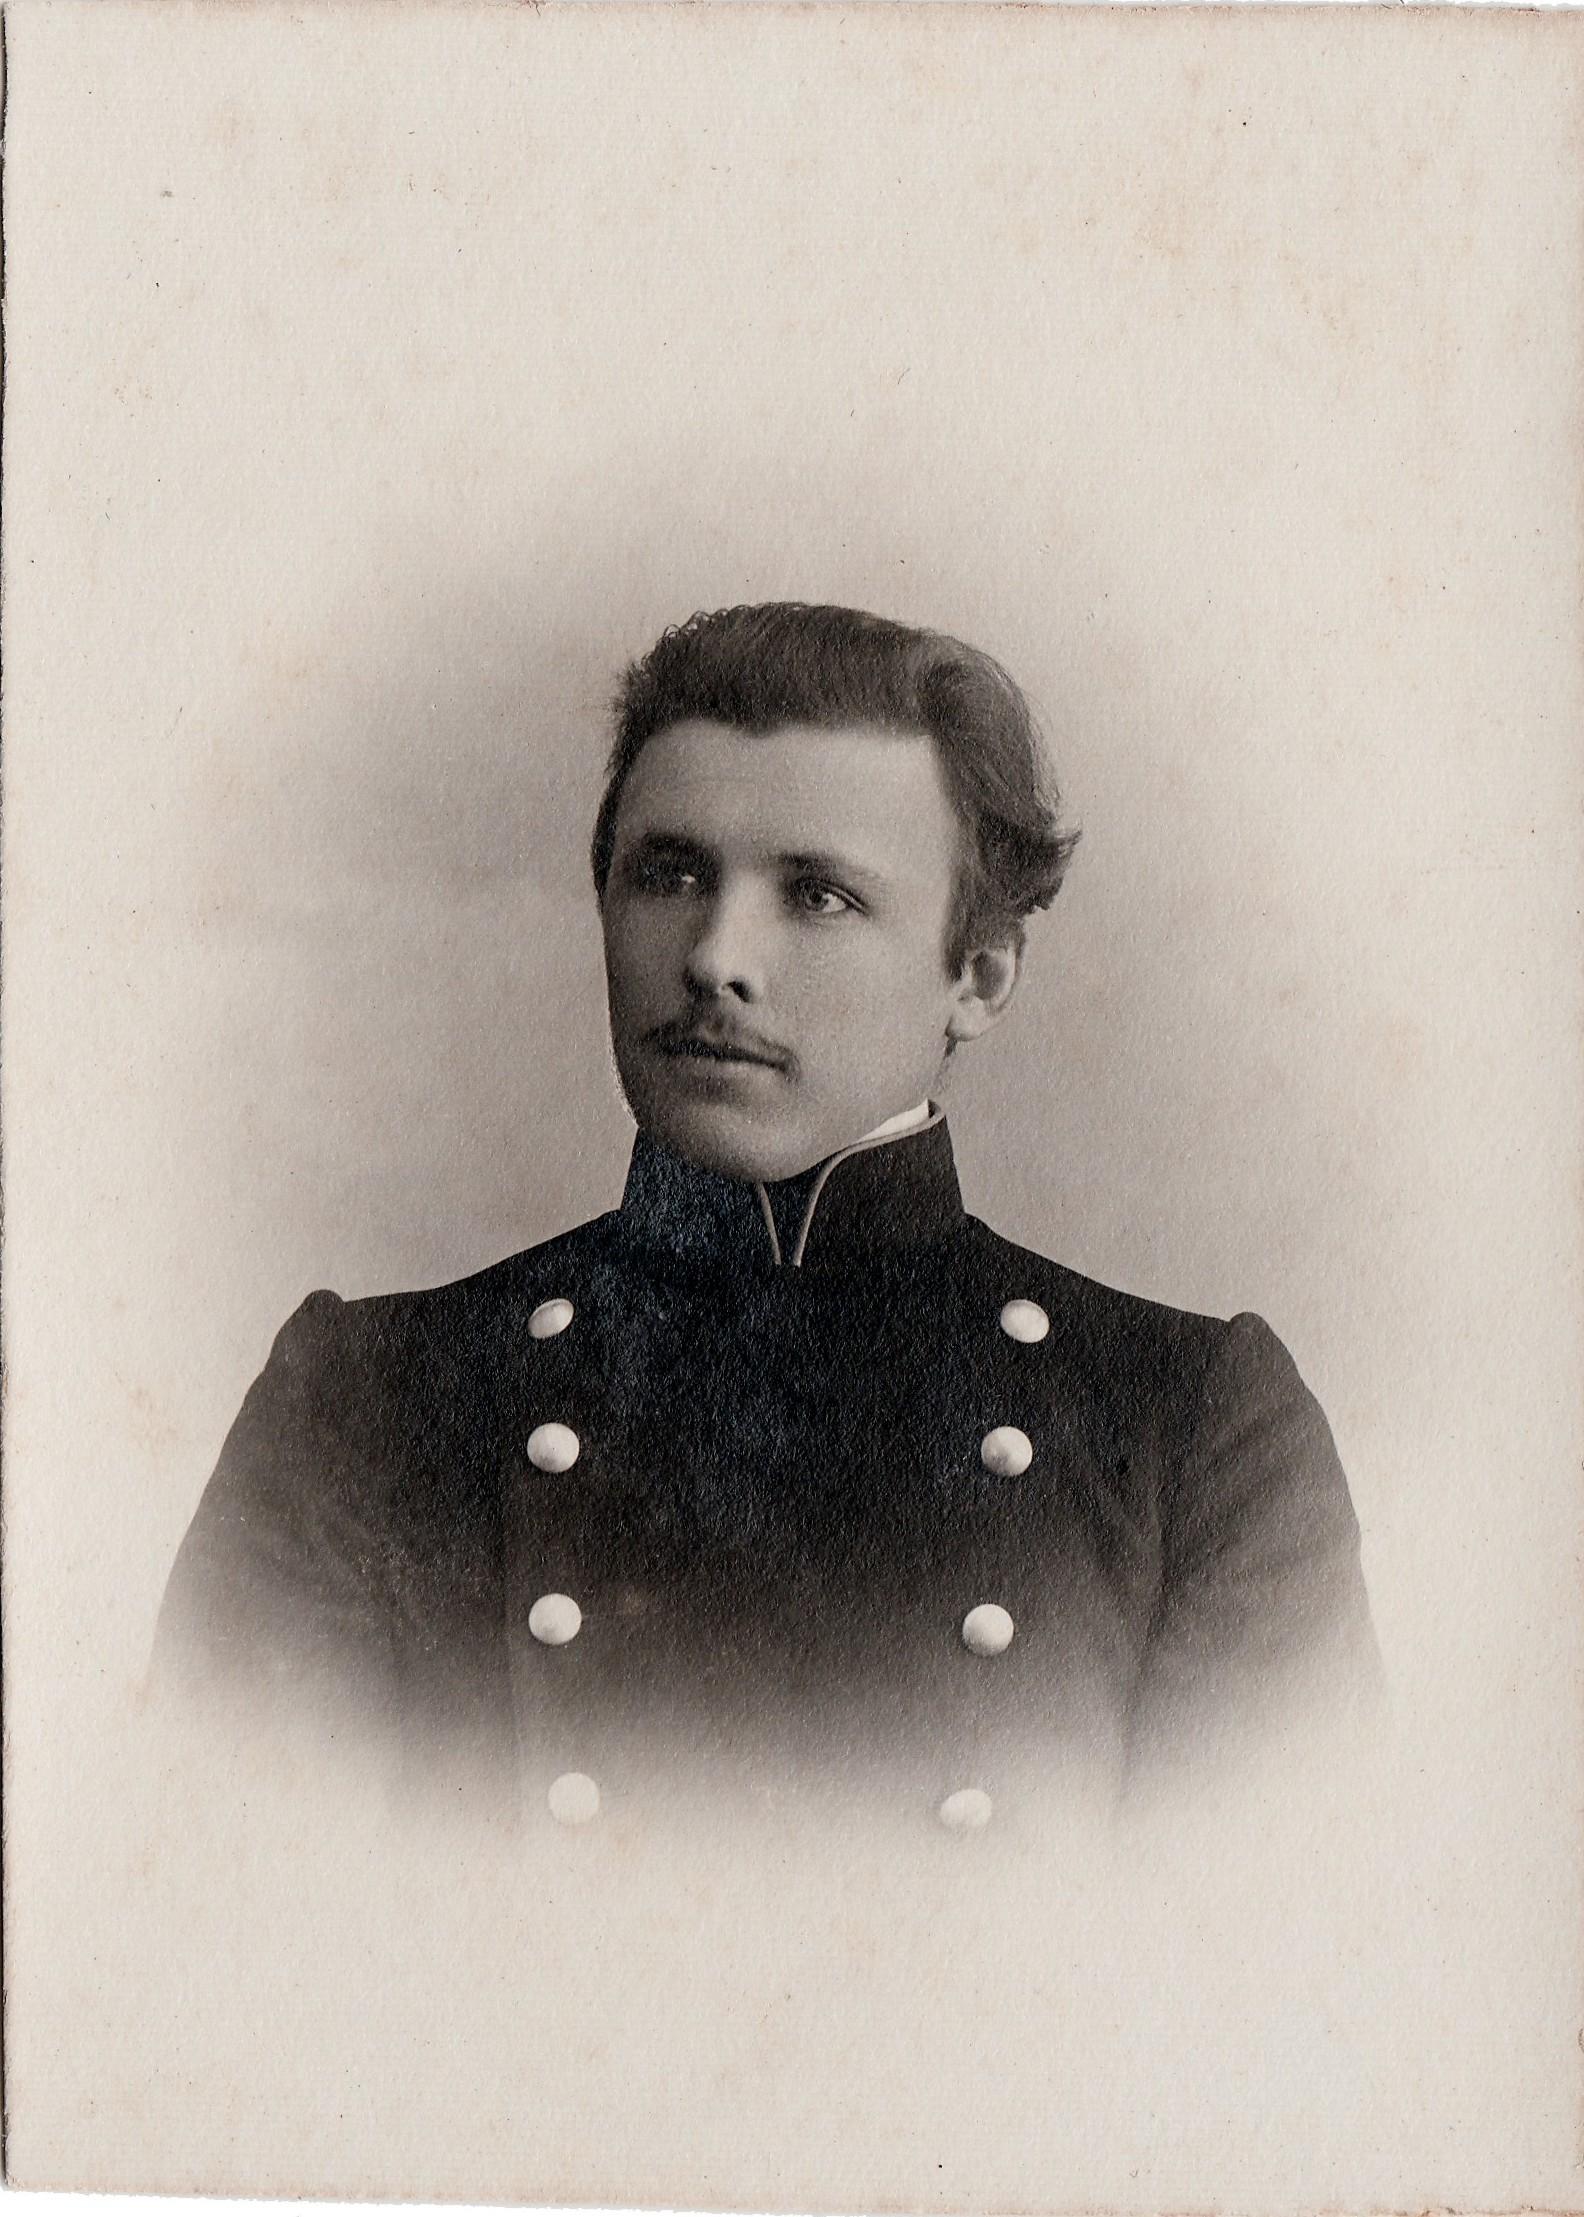 Студент Соловьев Павел Александрович. II отделение 2 разряд.